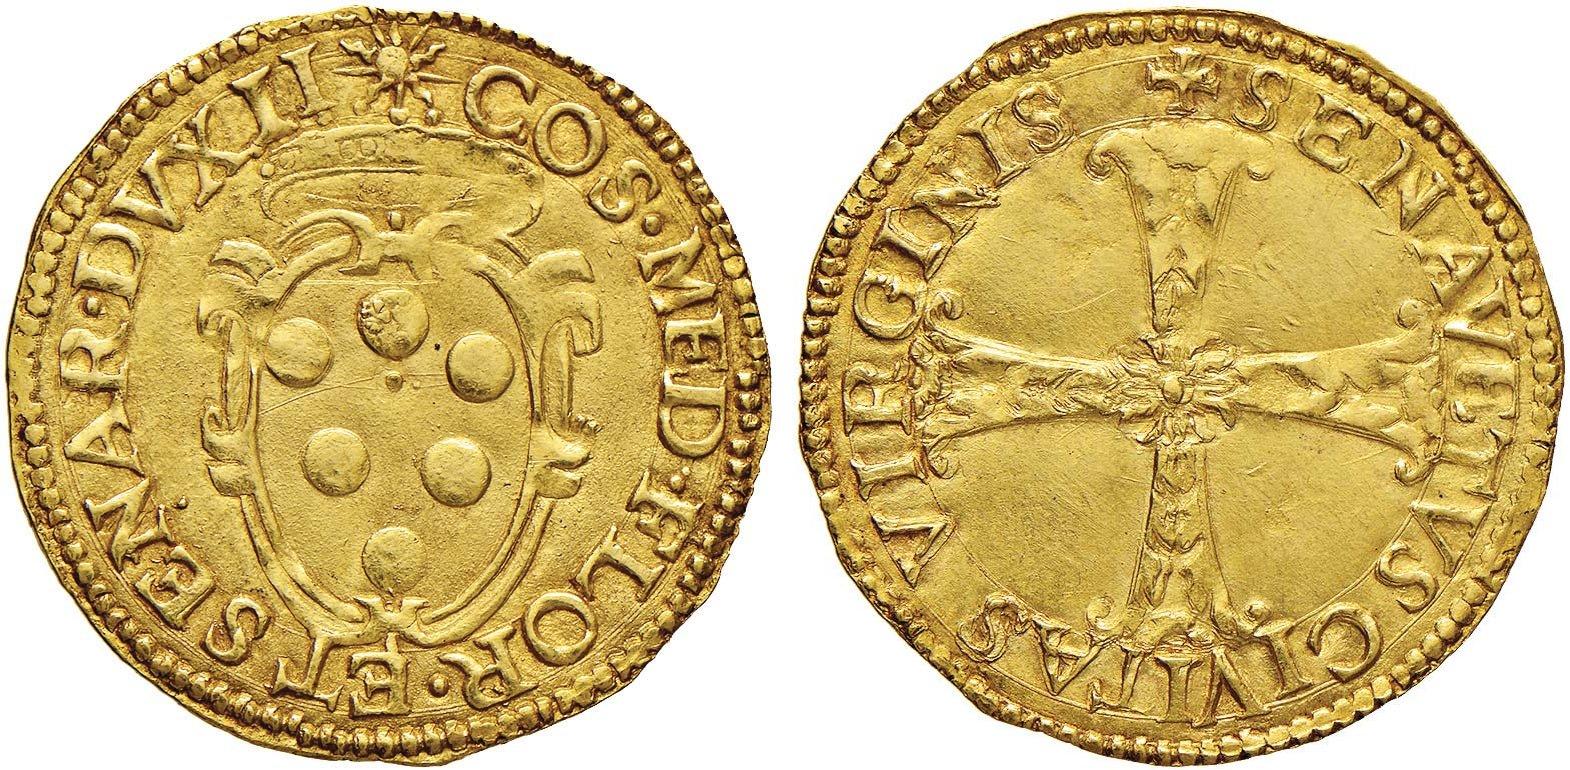 Scudo d'oro di Cosimo I de' Medici, III periodo (1557-1569), D/ Stemma mediceo R/ Croce fiorata